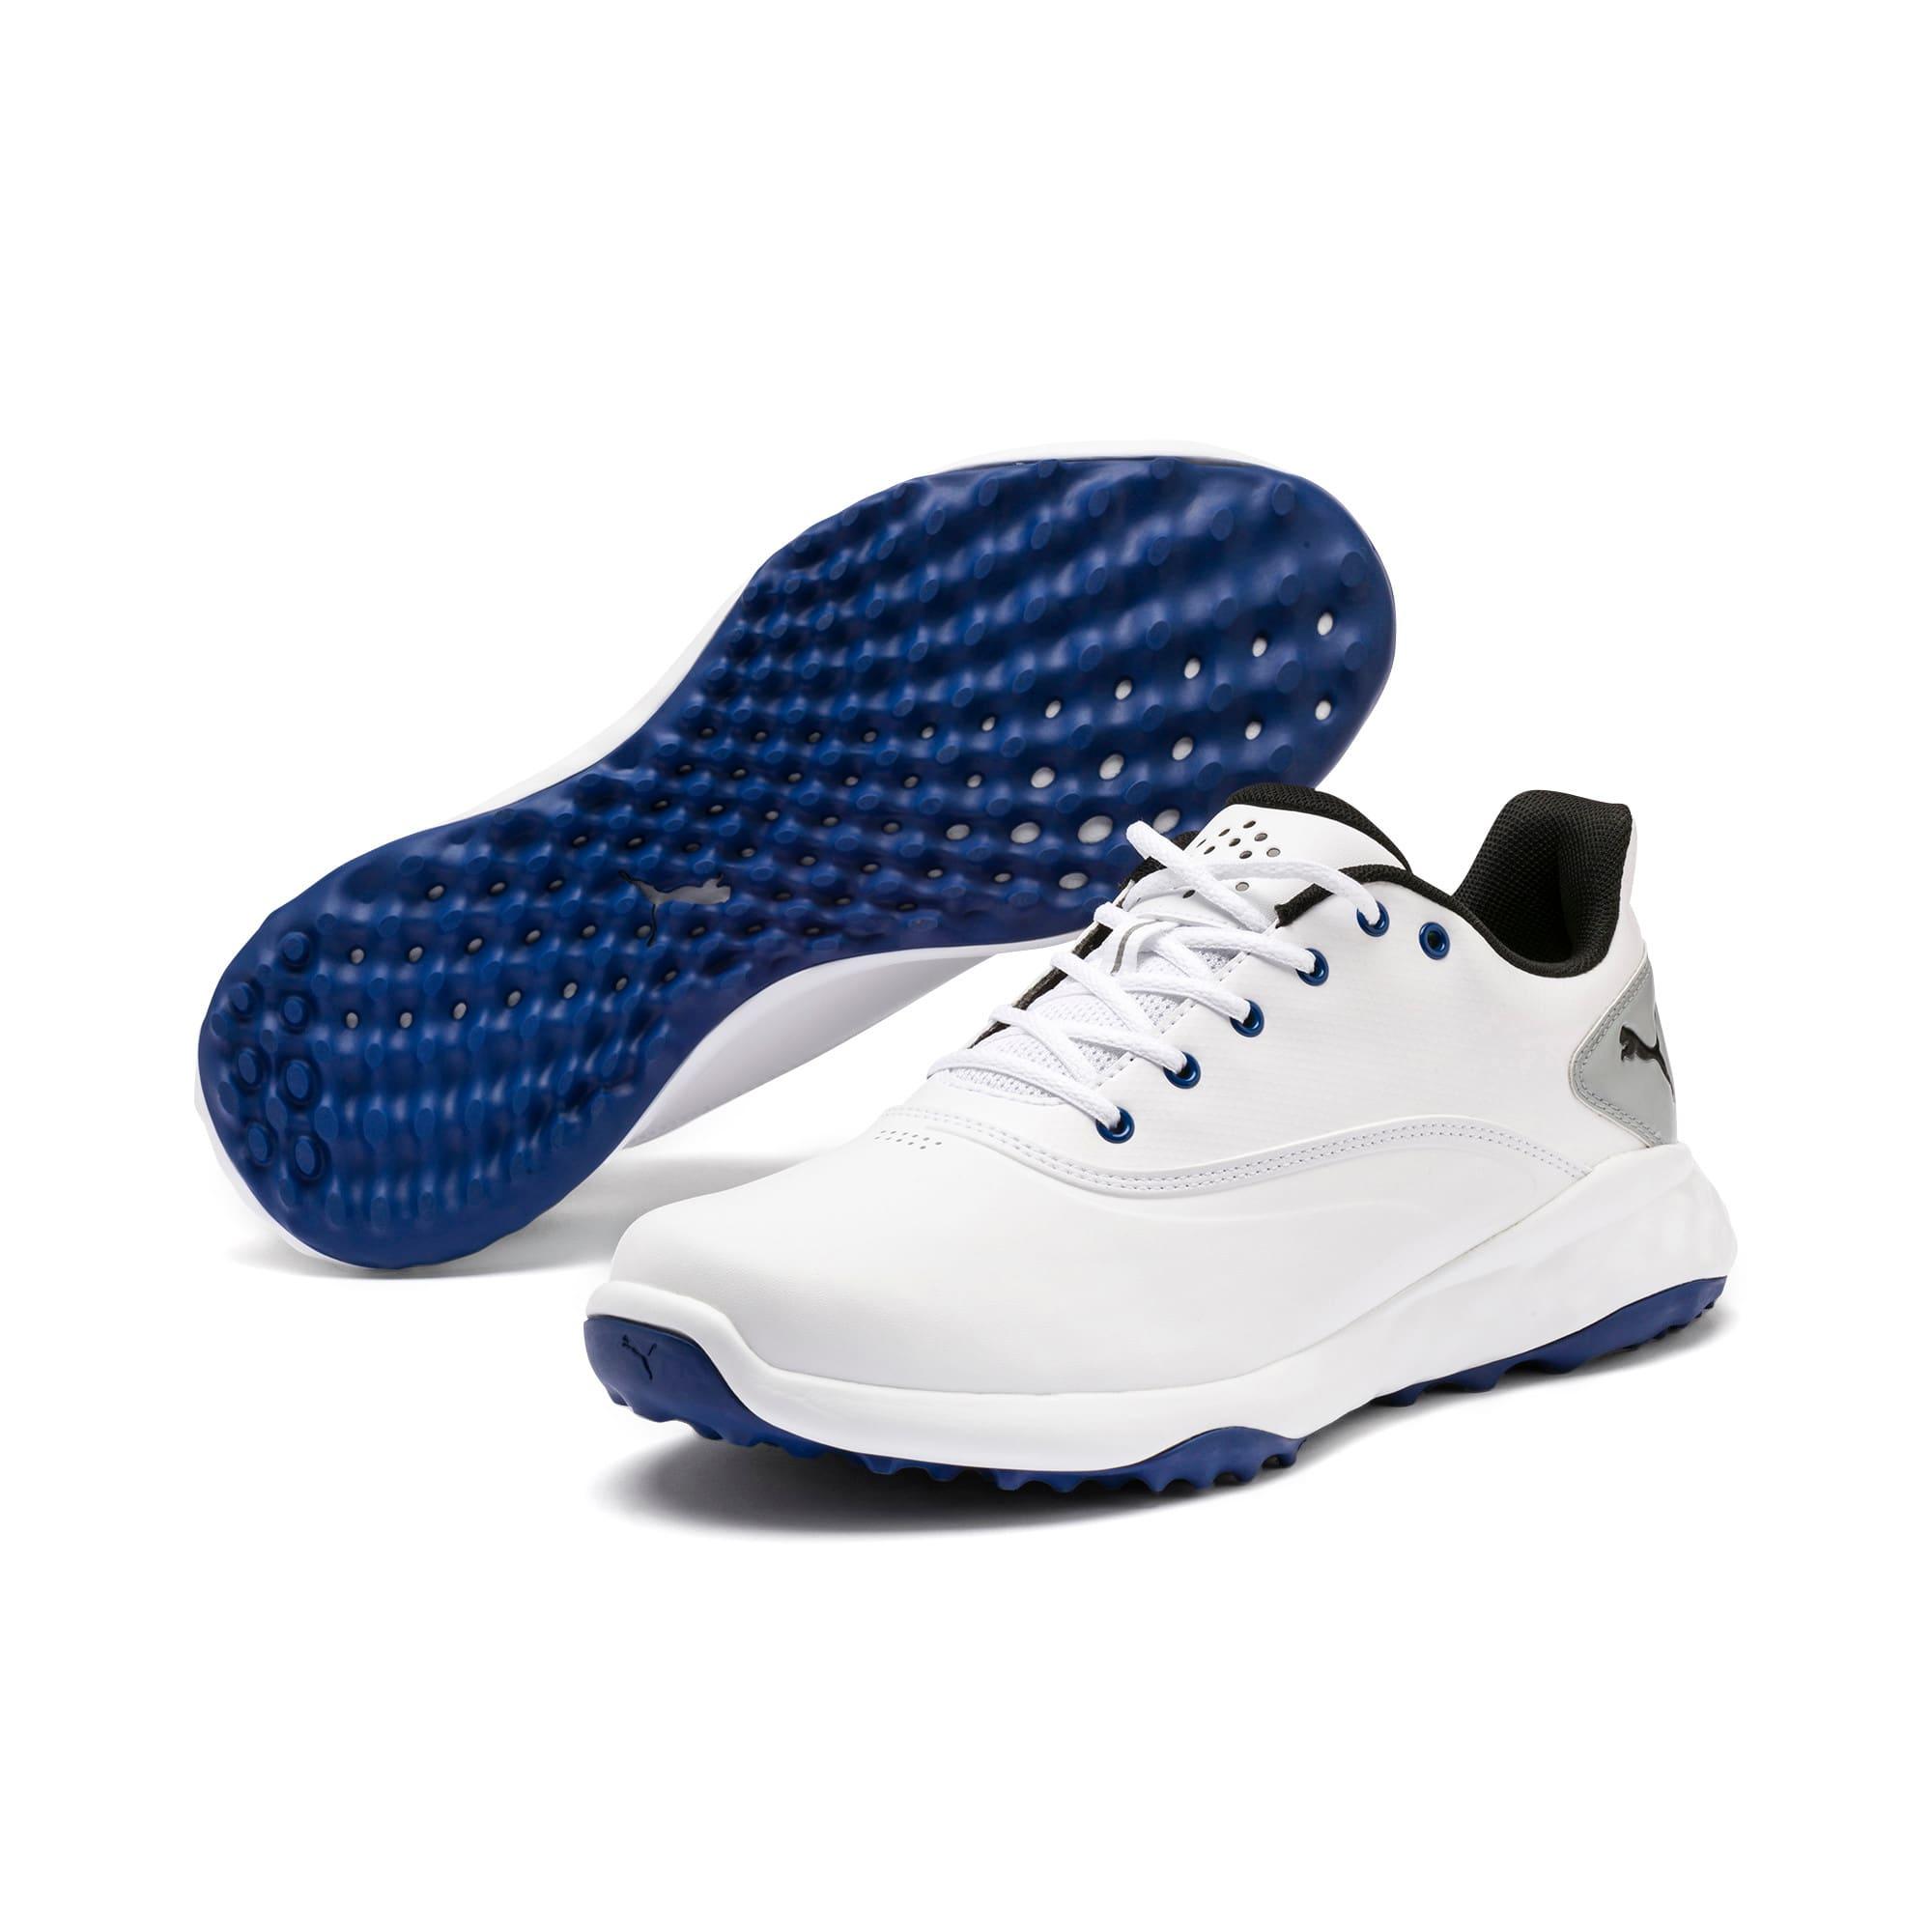 Thumbnail 2 of Chaussure de golf GRIP FUSION pour homme, White-Black-TRUE BLUE, medium